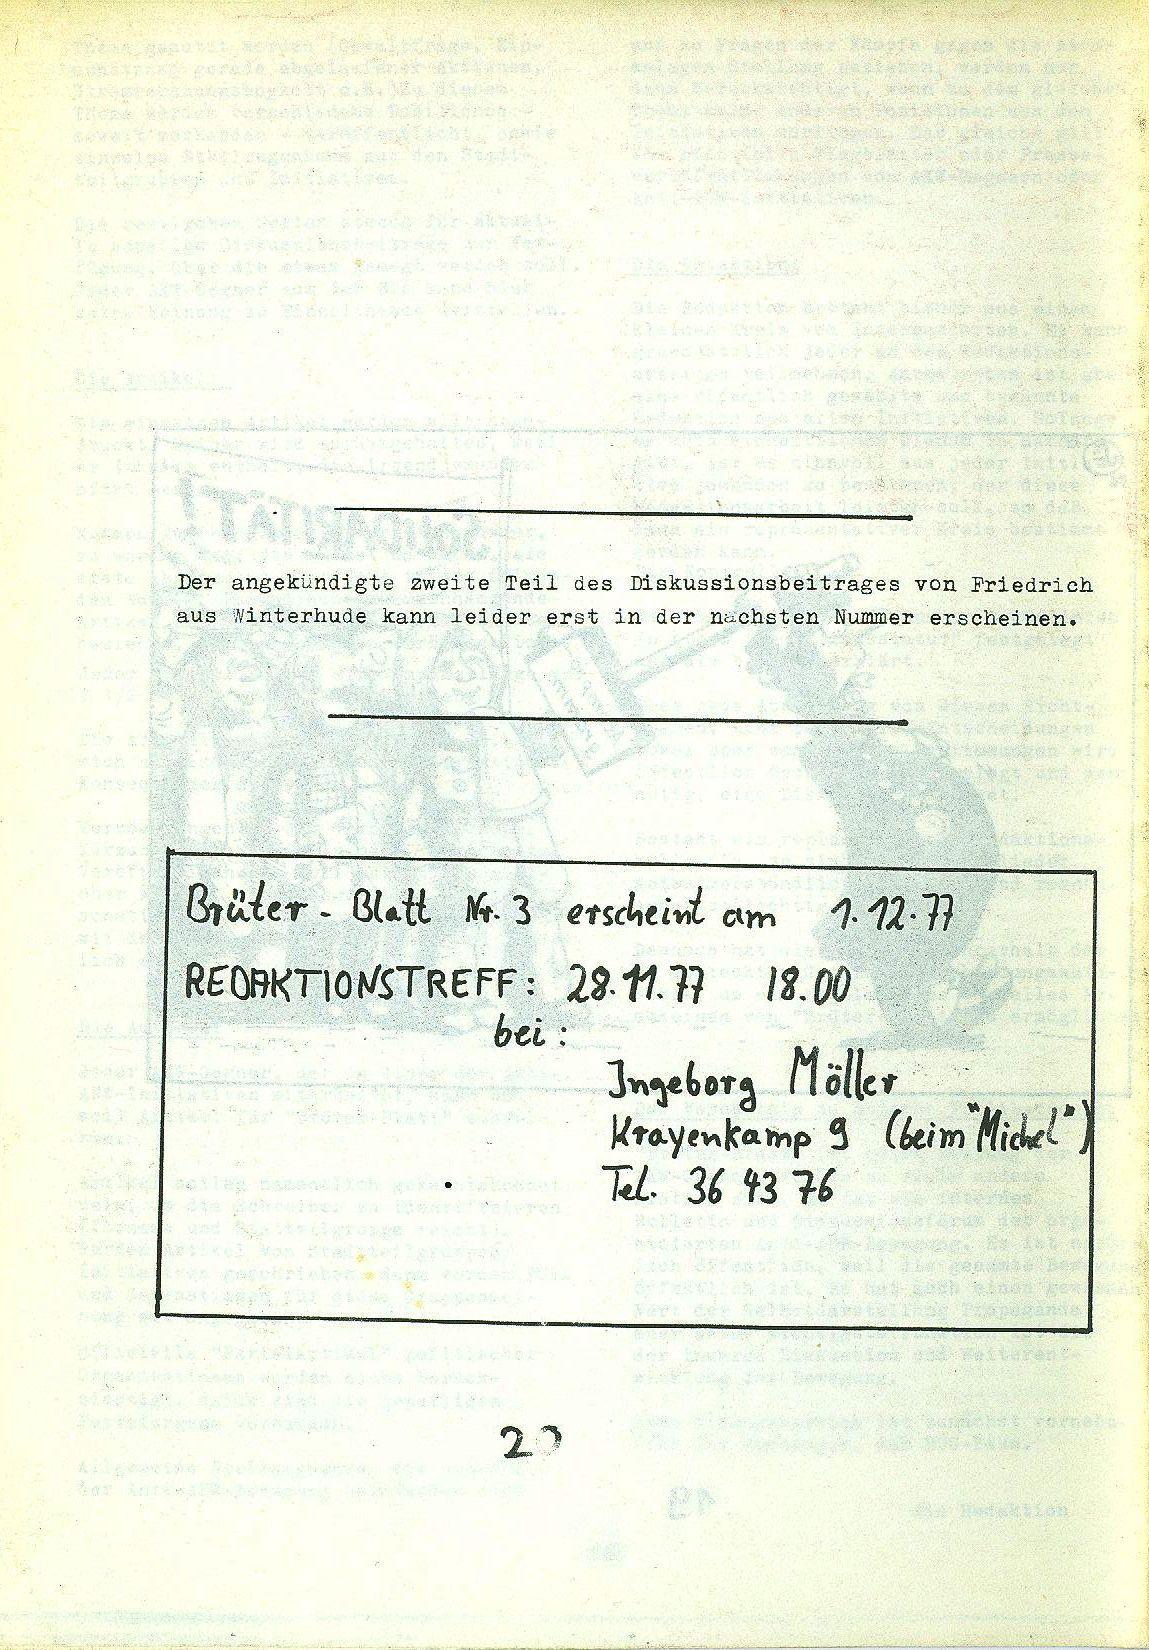 Brueterblatt011